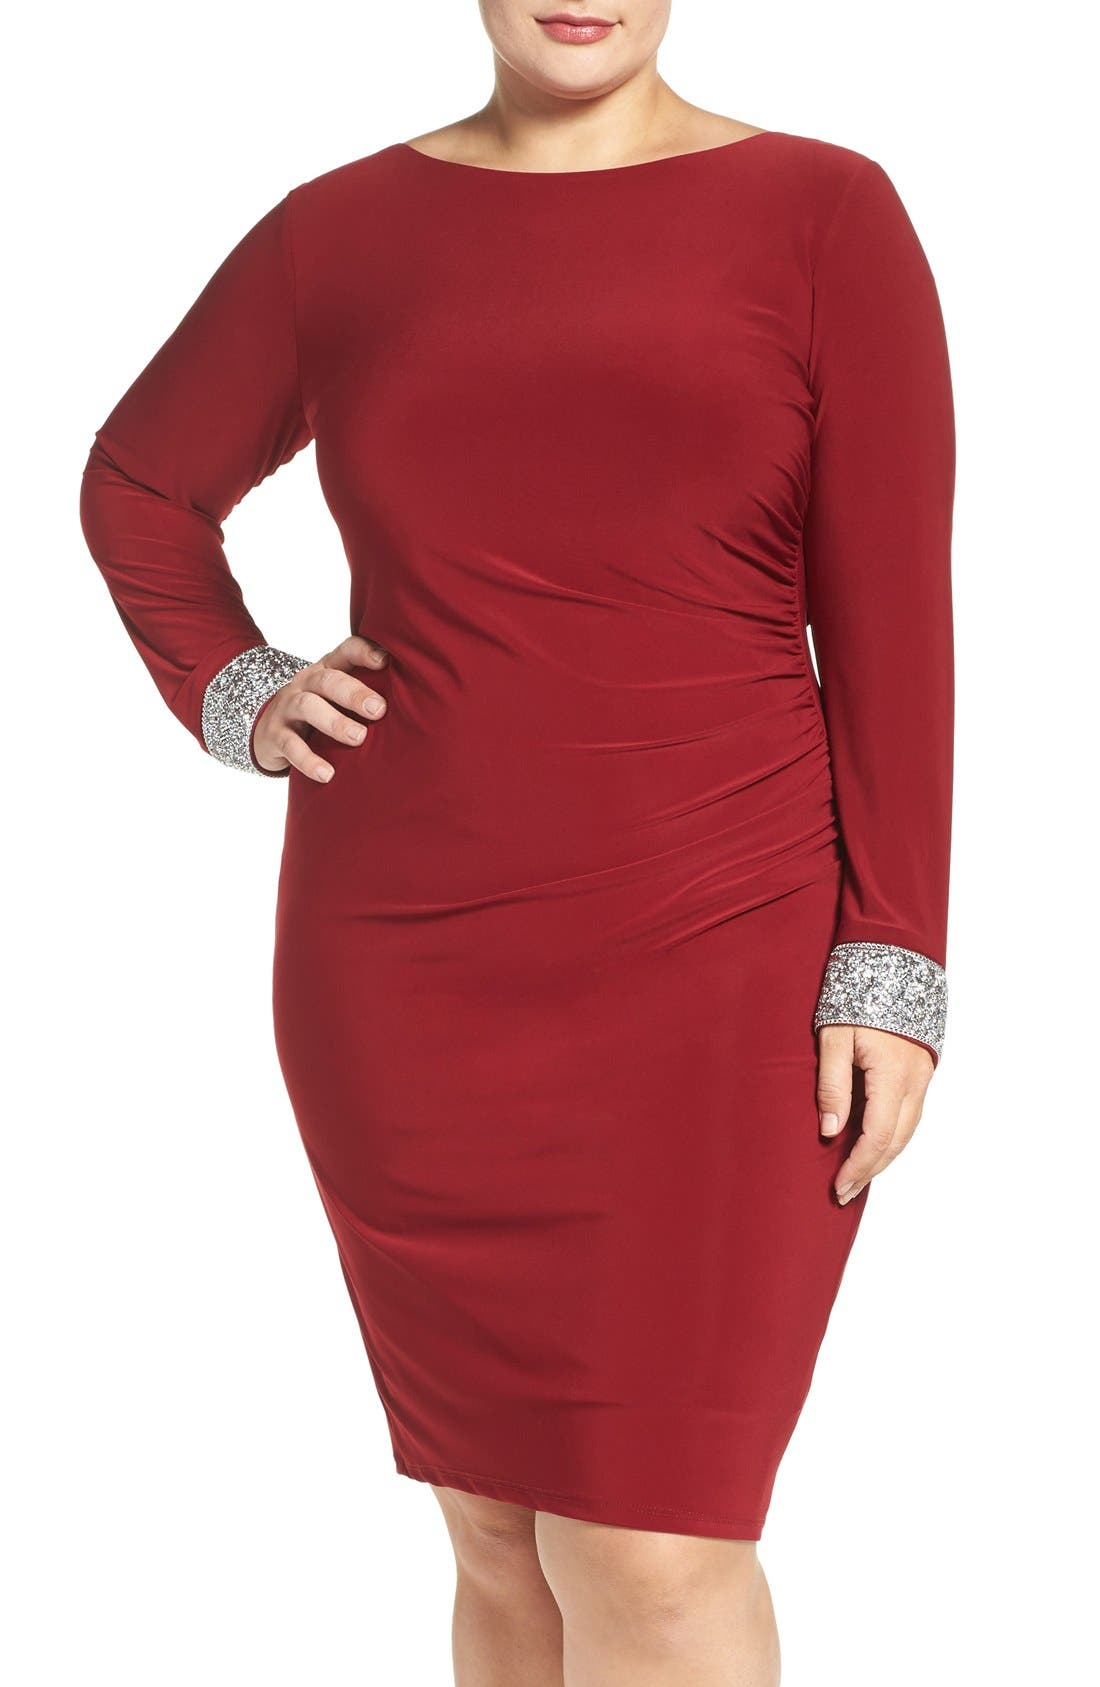 Main Image - Marina Embellished Drape Back Jersey Cocktail Dress (Plus Size)